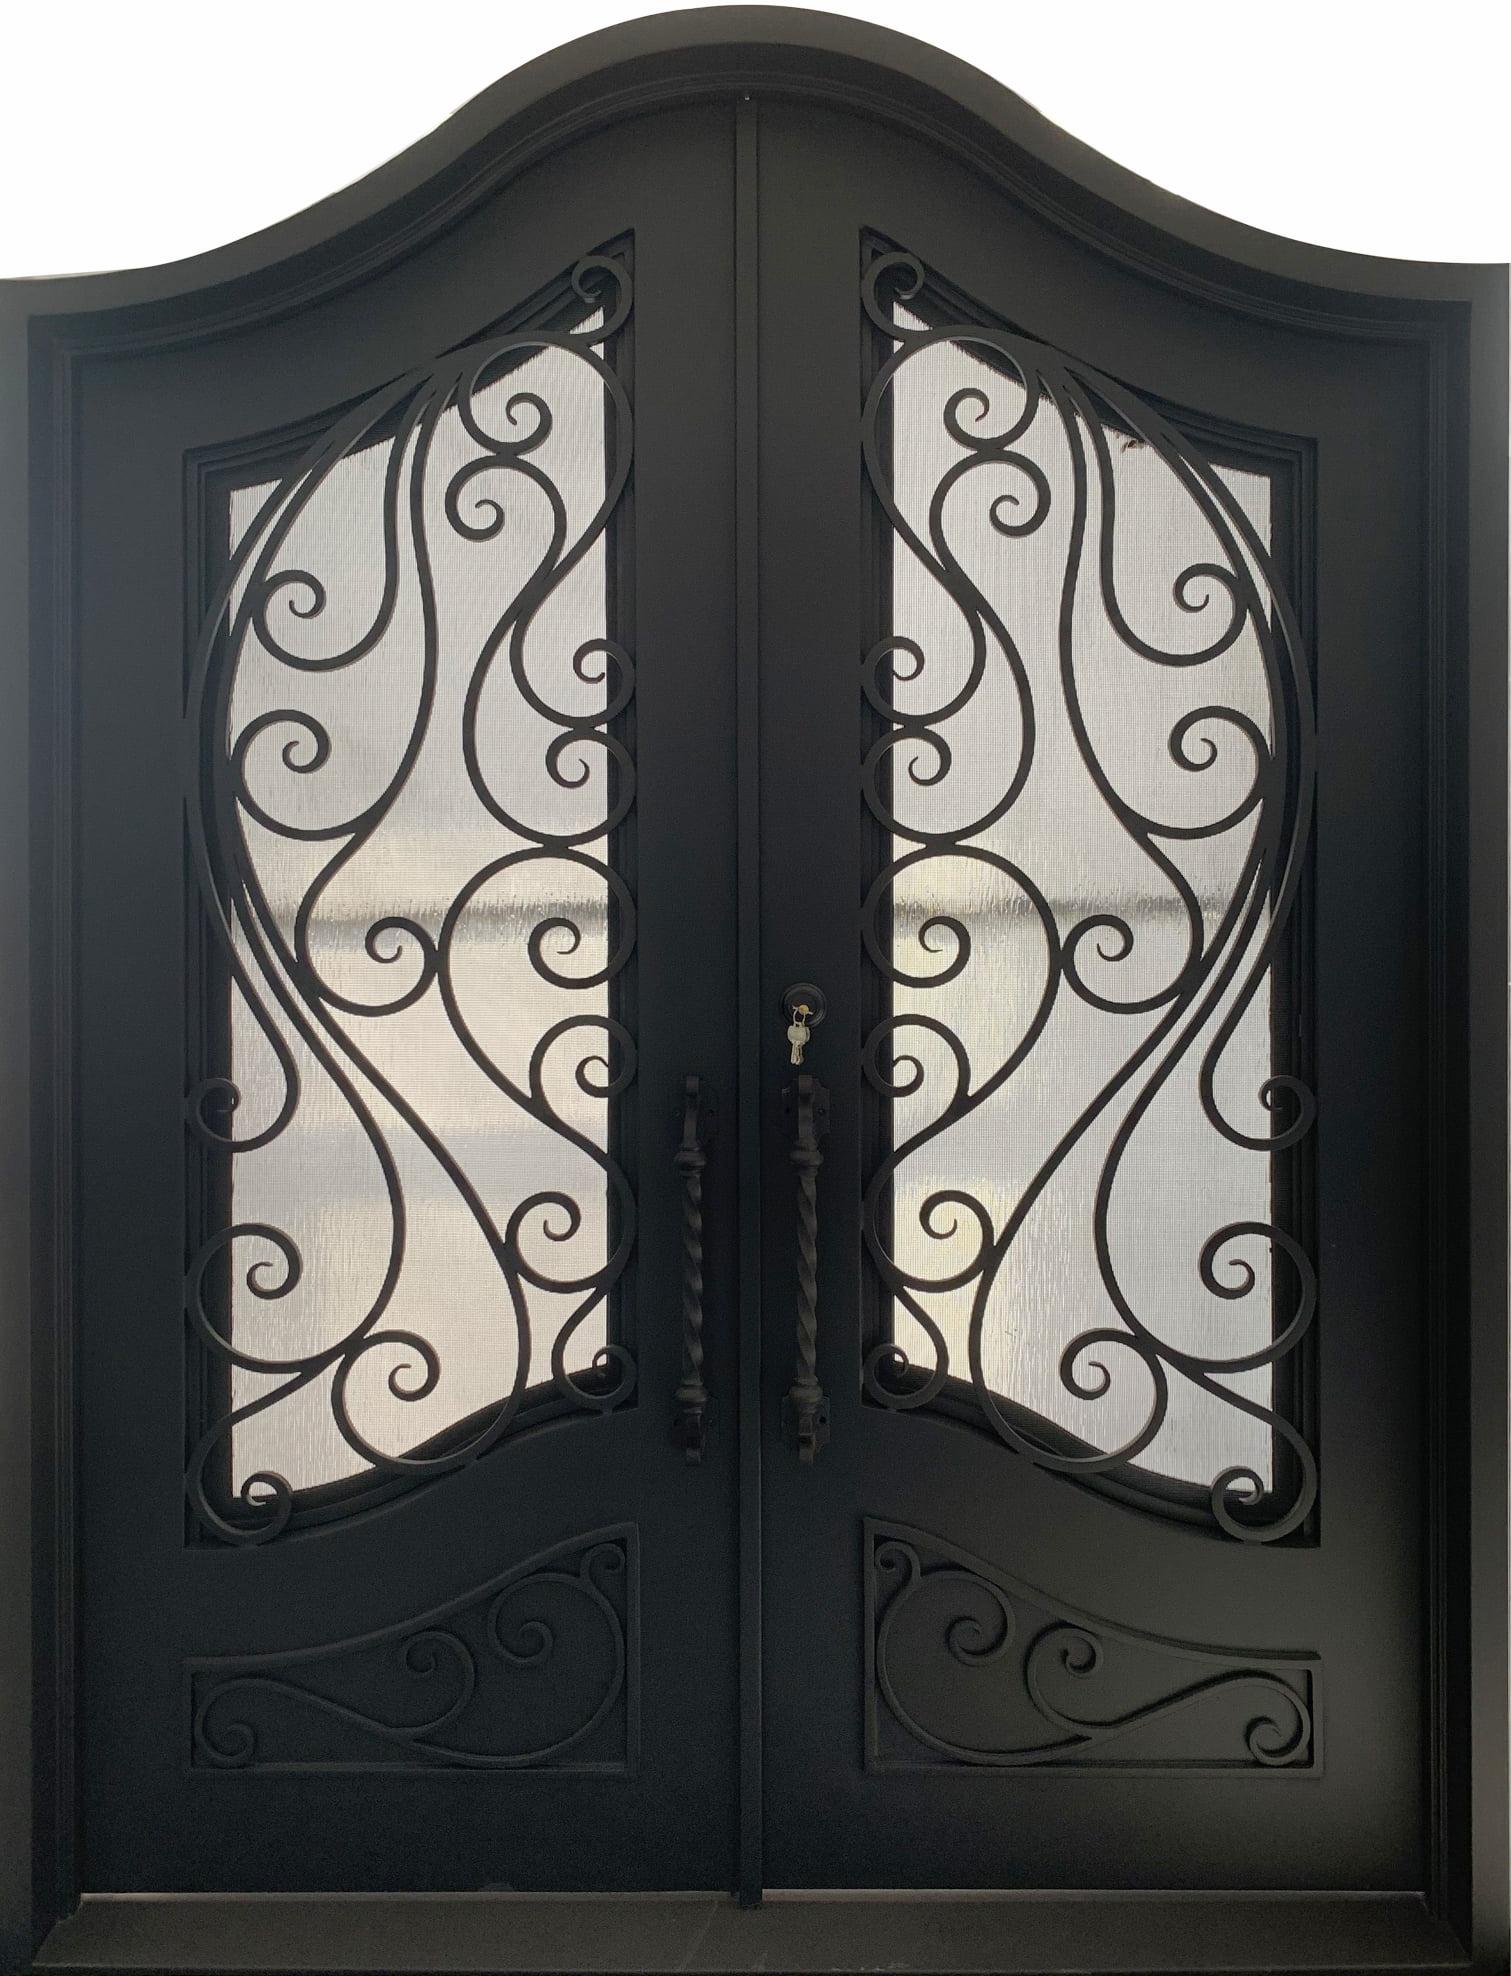 Hurricane rated doors, iron door thermal break, north carolina iron doors, design, insulation, entry doors